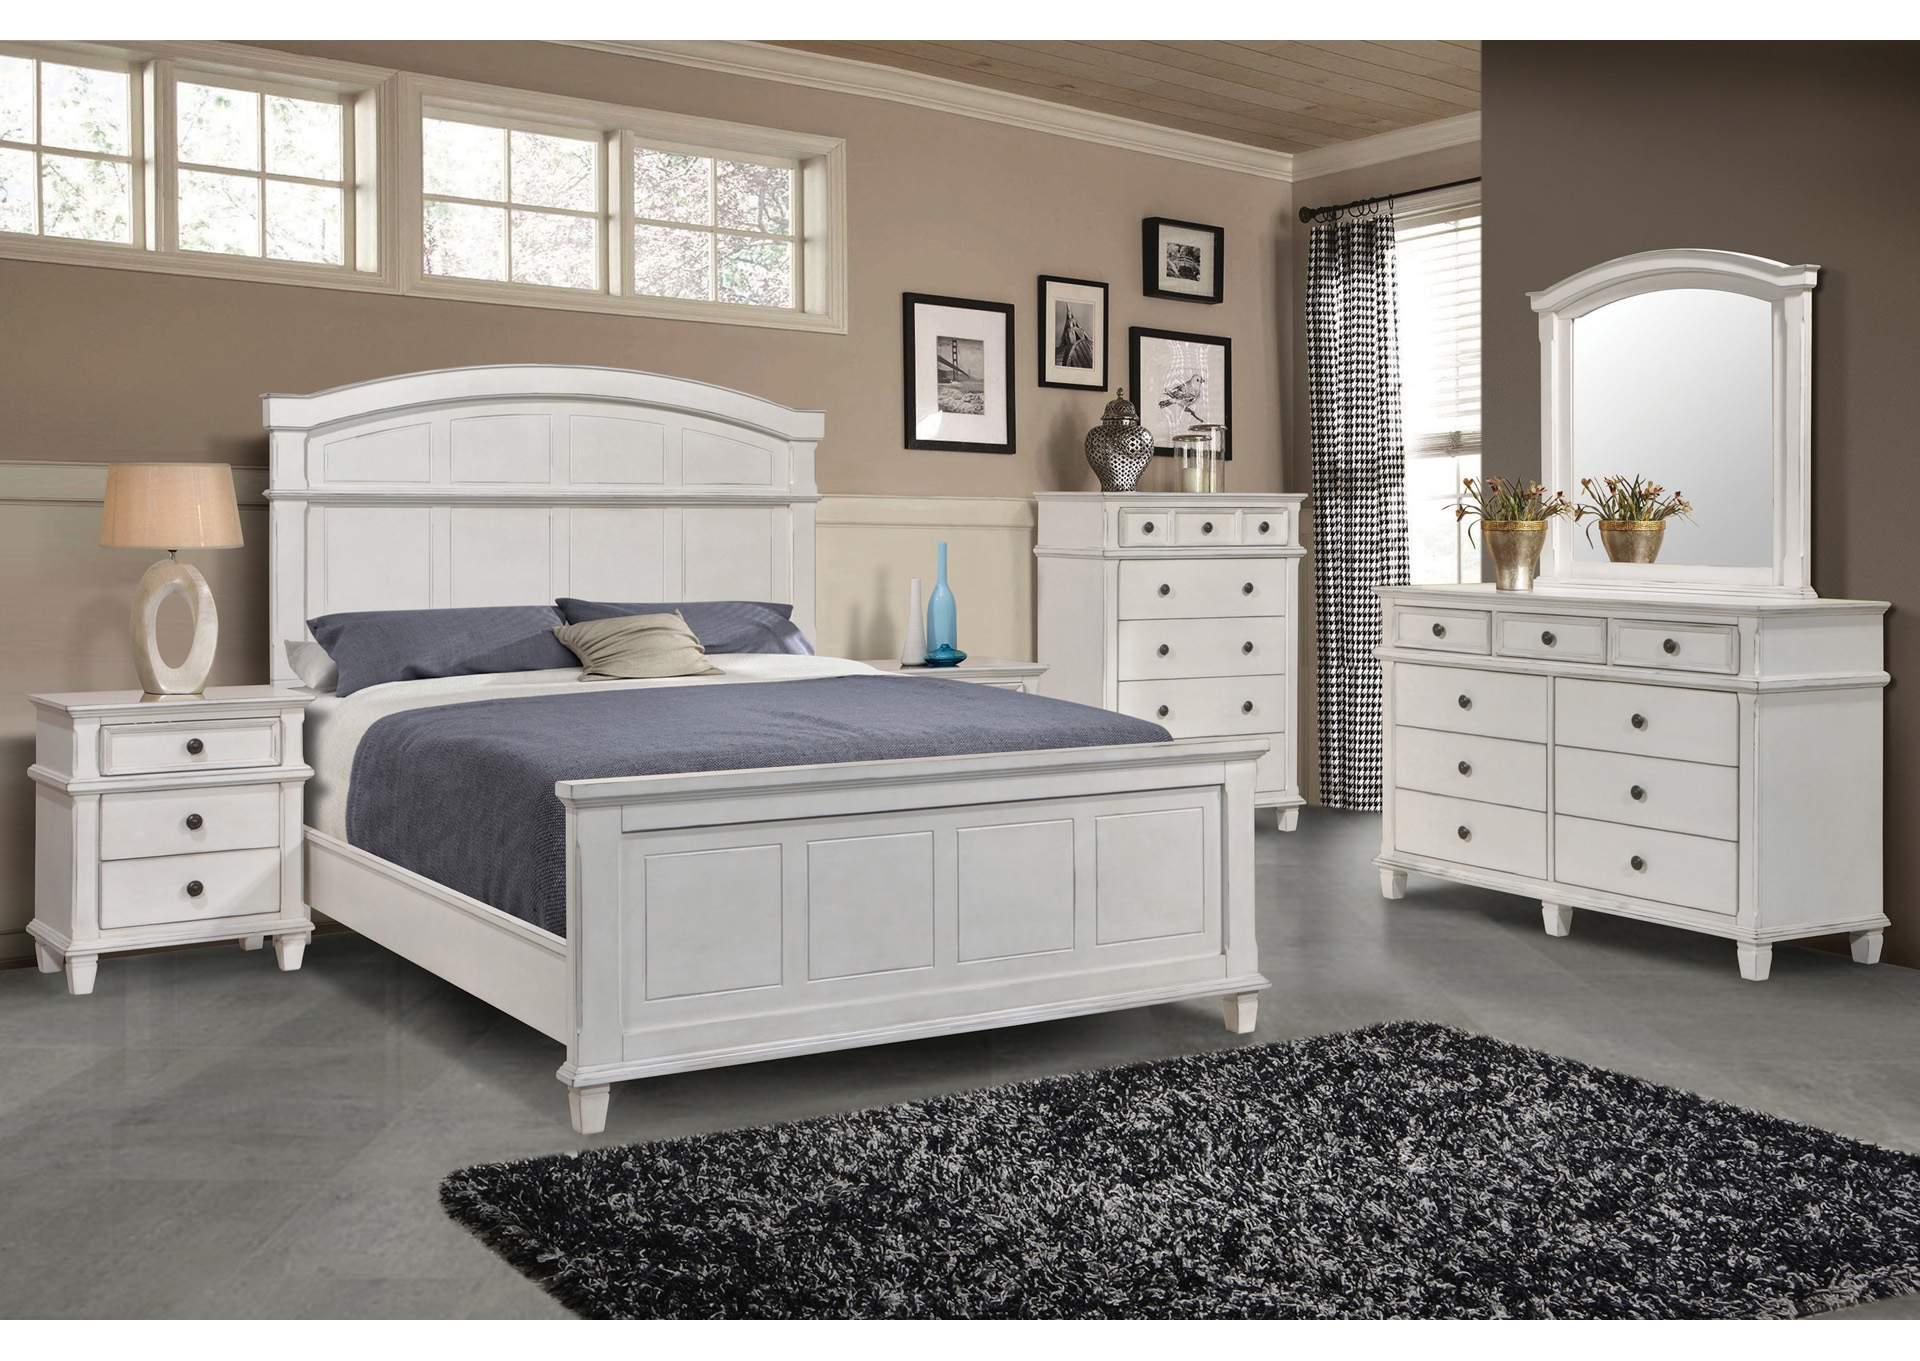 Carolina White Panel Queen 5 Piece Bedroom Set Best Buy Furniture